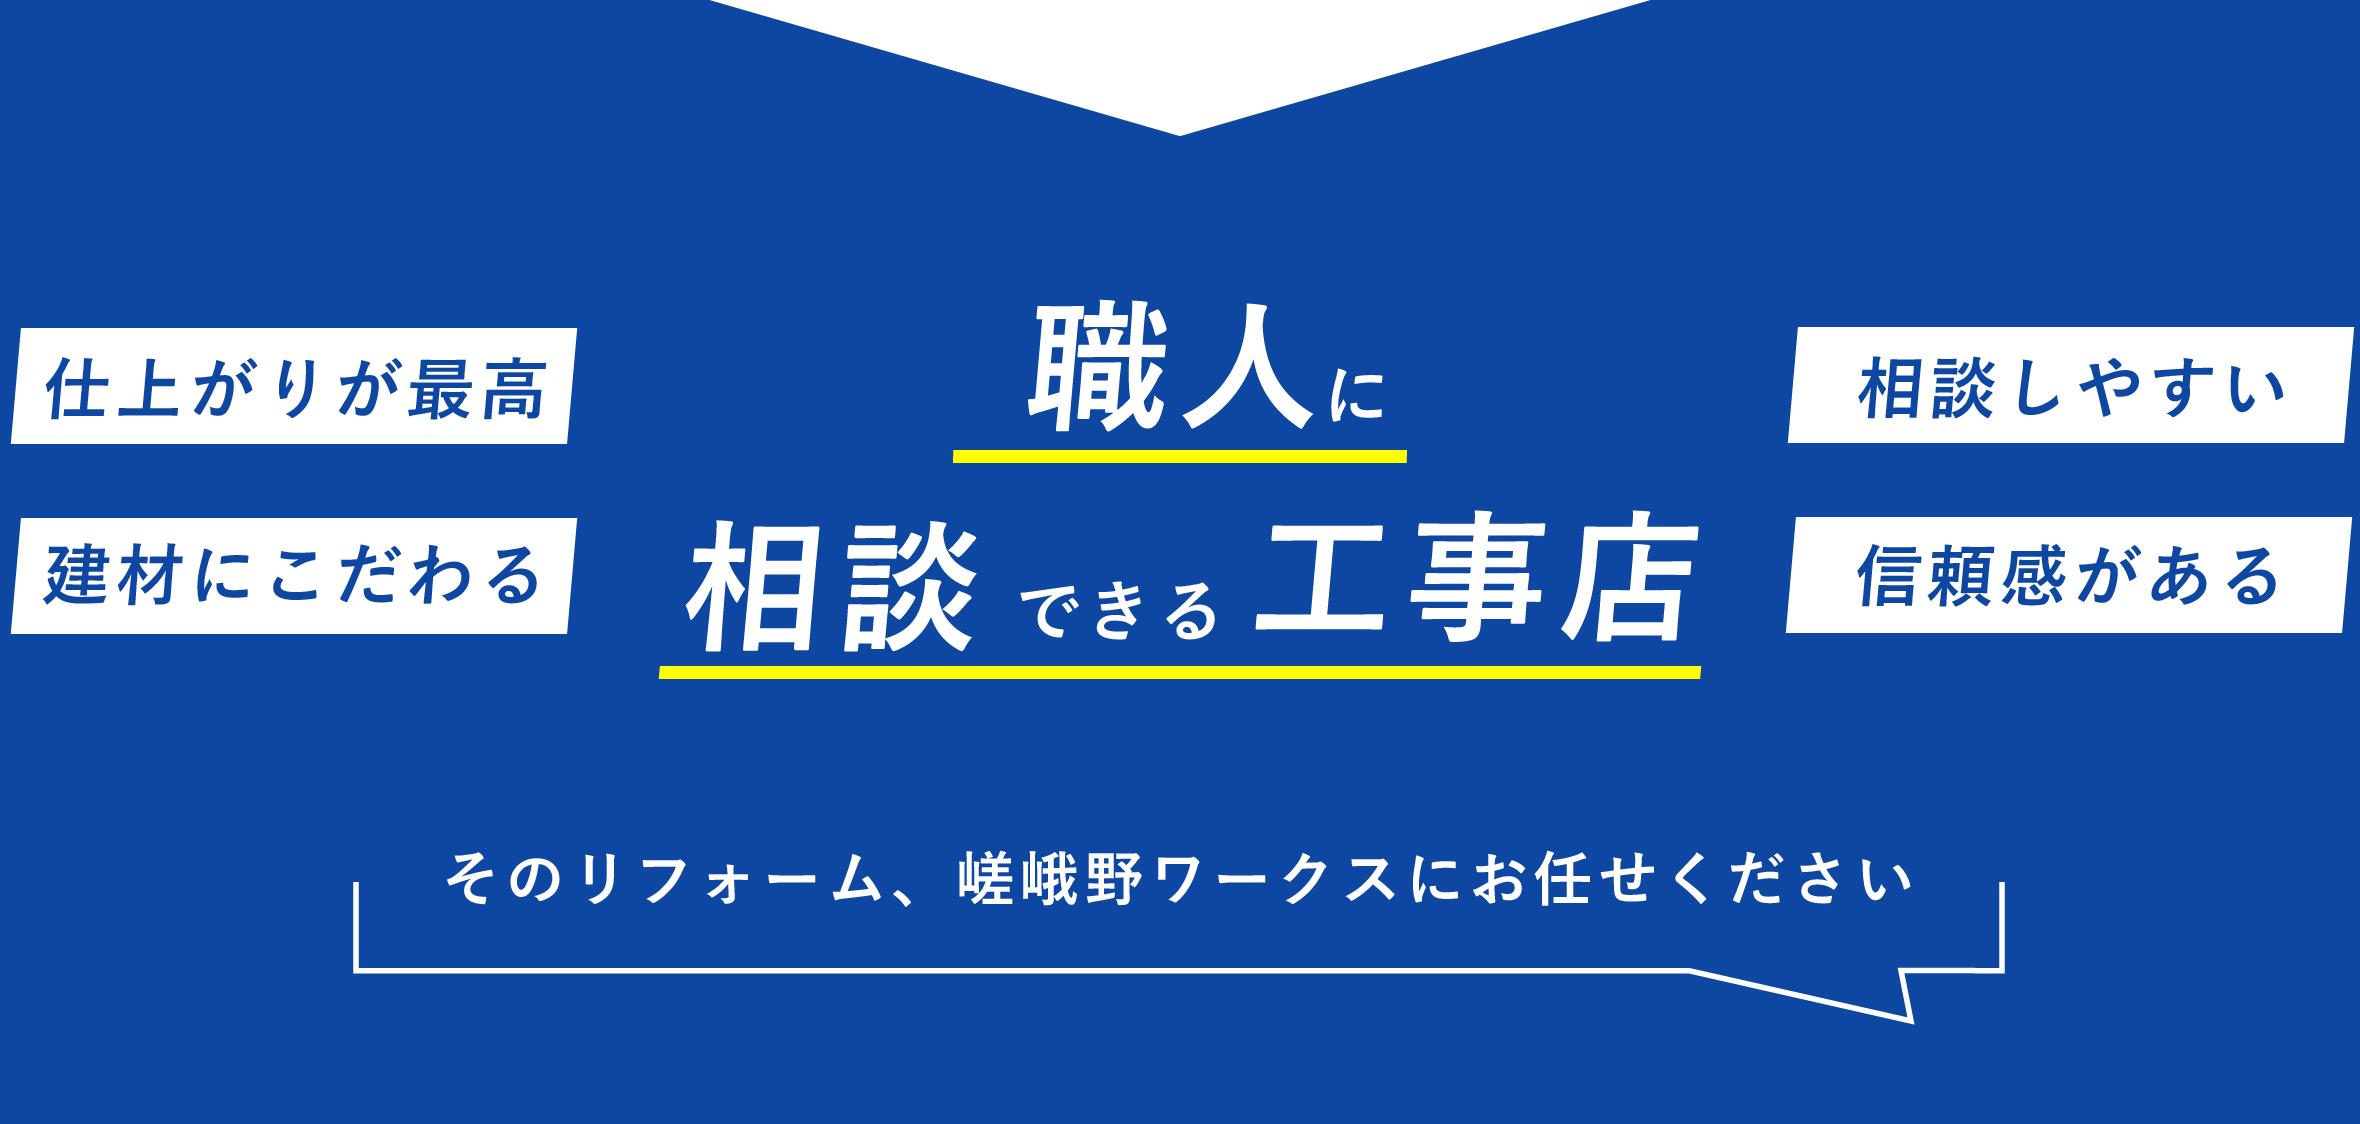 「職人に相談できる工事店」嵯峨野ワークスにお任せください